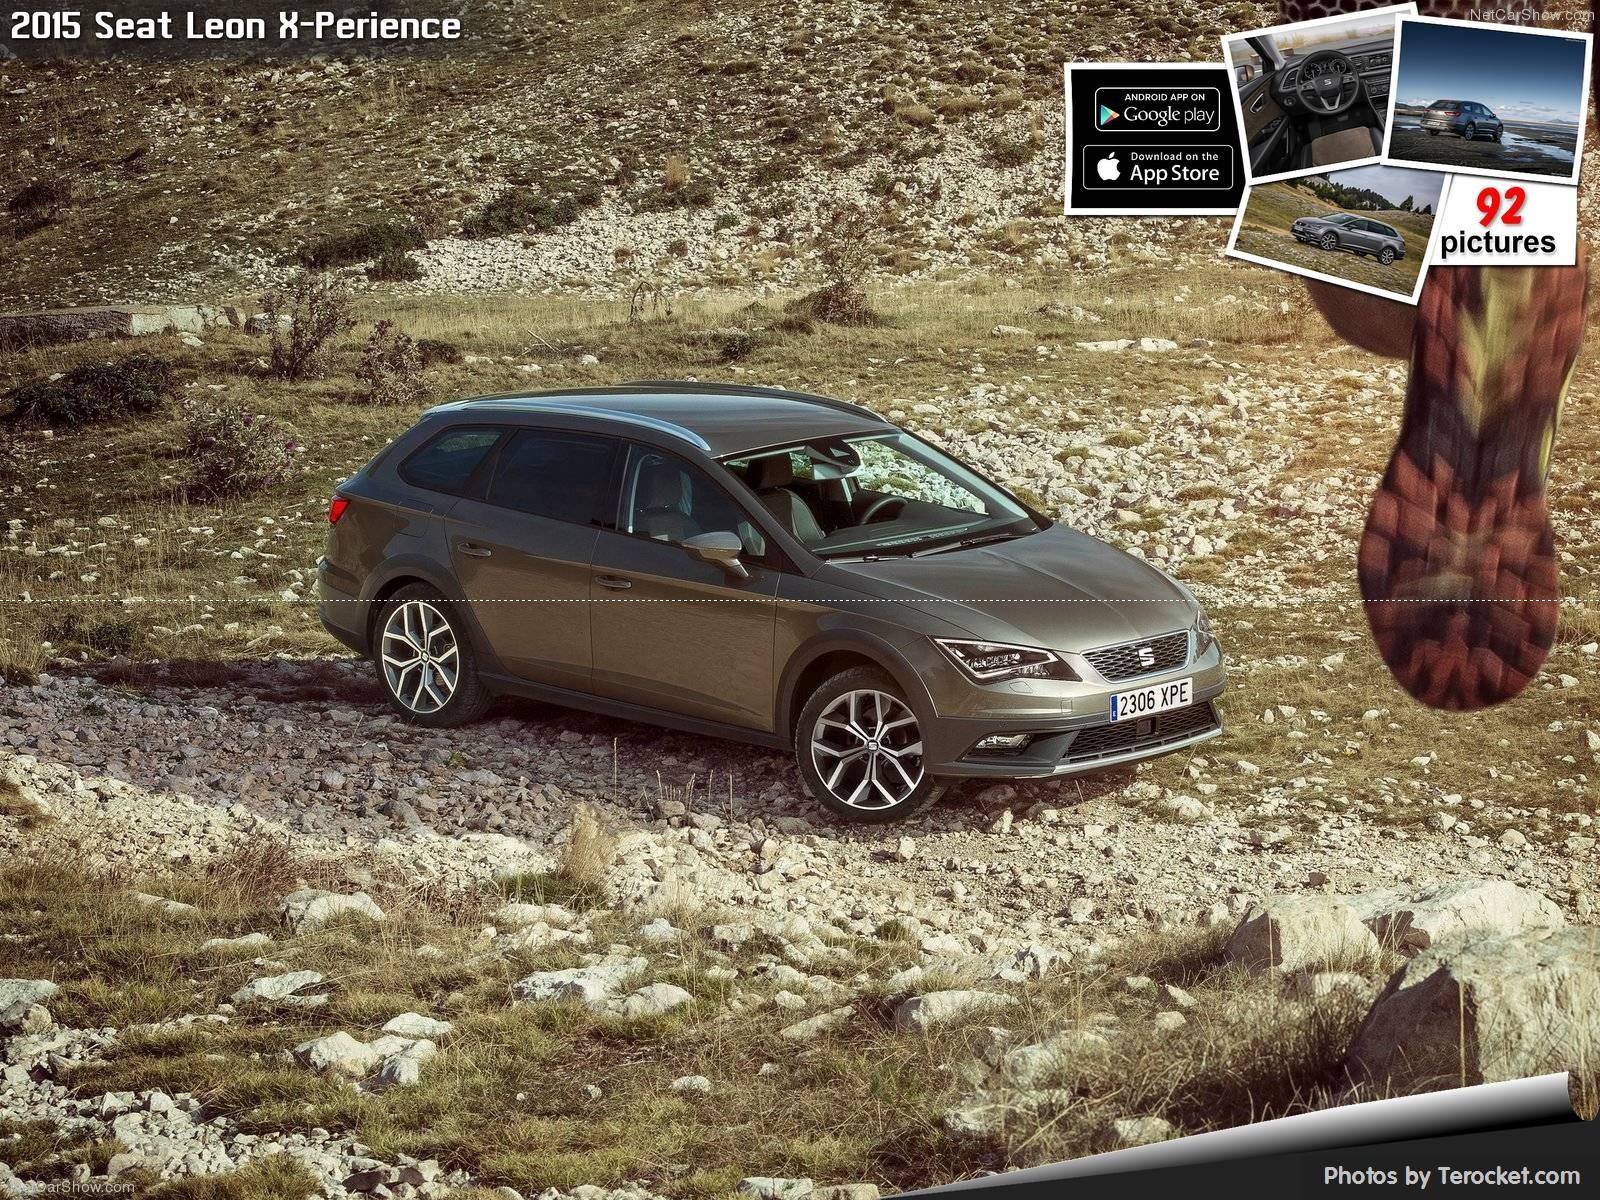 Hình ảnh xe ô tô Seat Leon X-Perience 2015 & nội ngoại thất